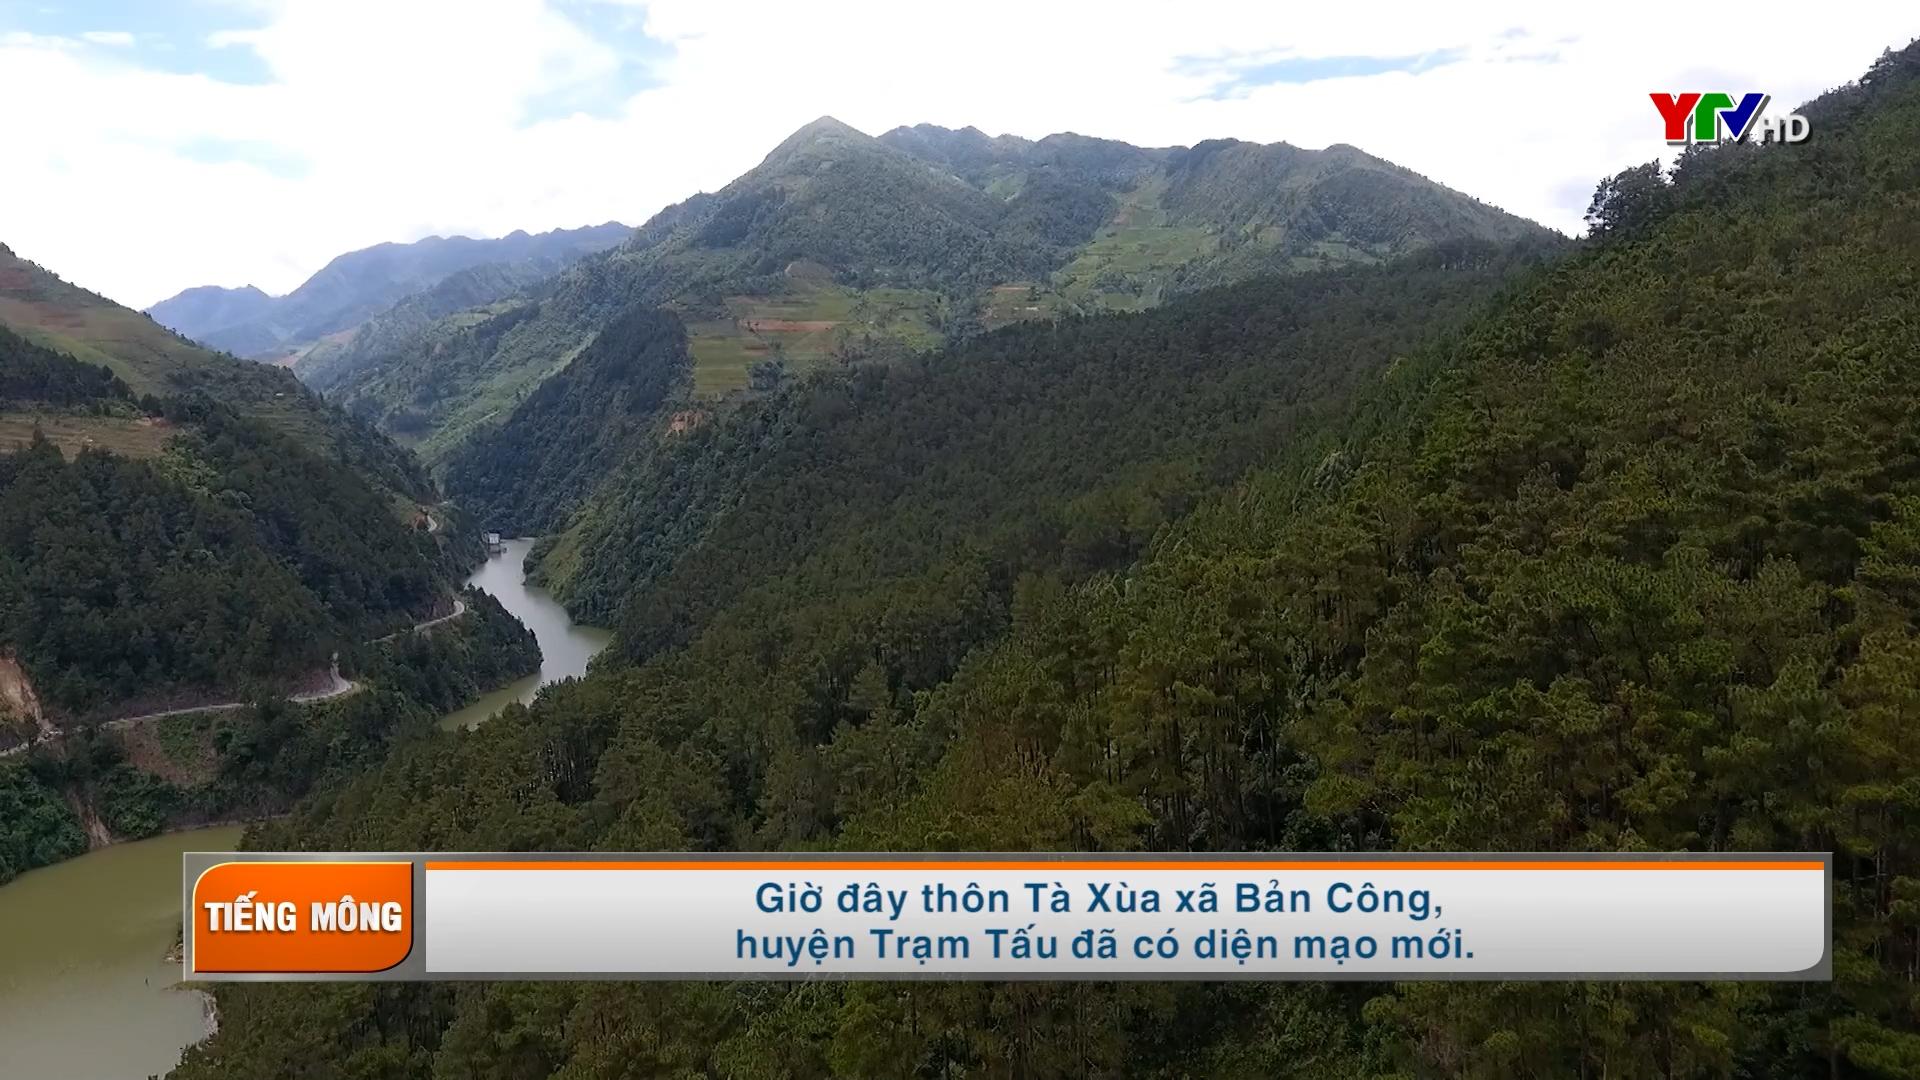 Tạp chí truyền hình tiếng Mông số 6 tháng 4 năm 2021